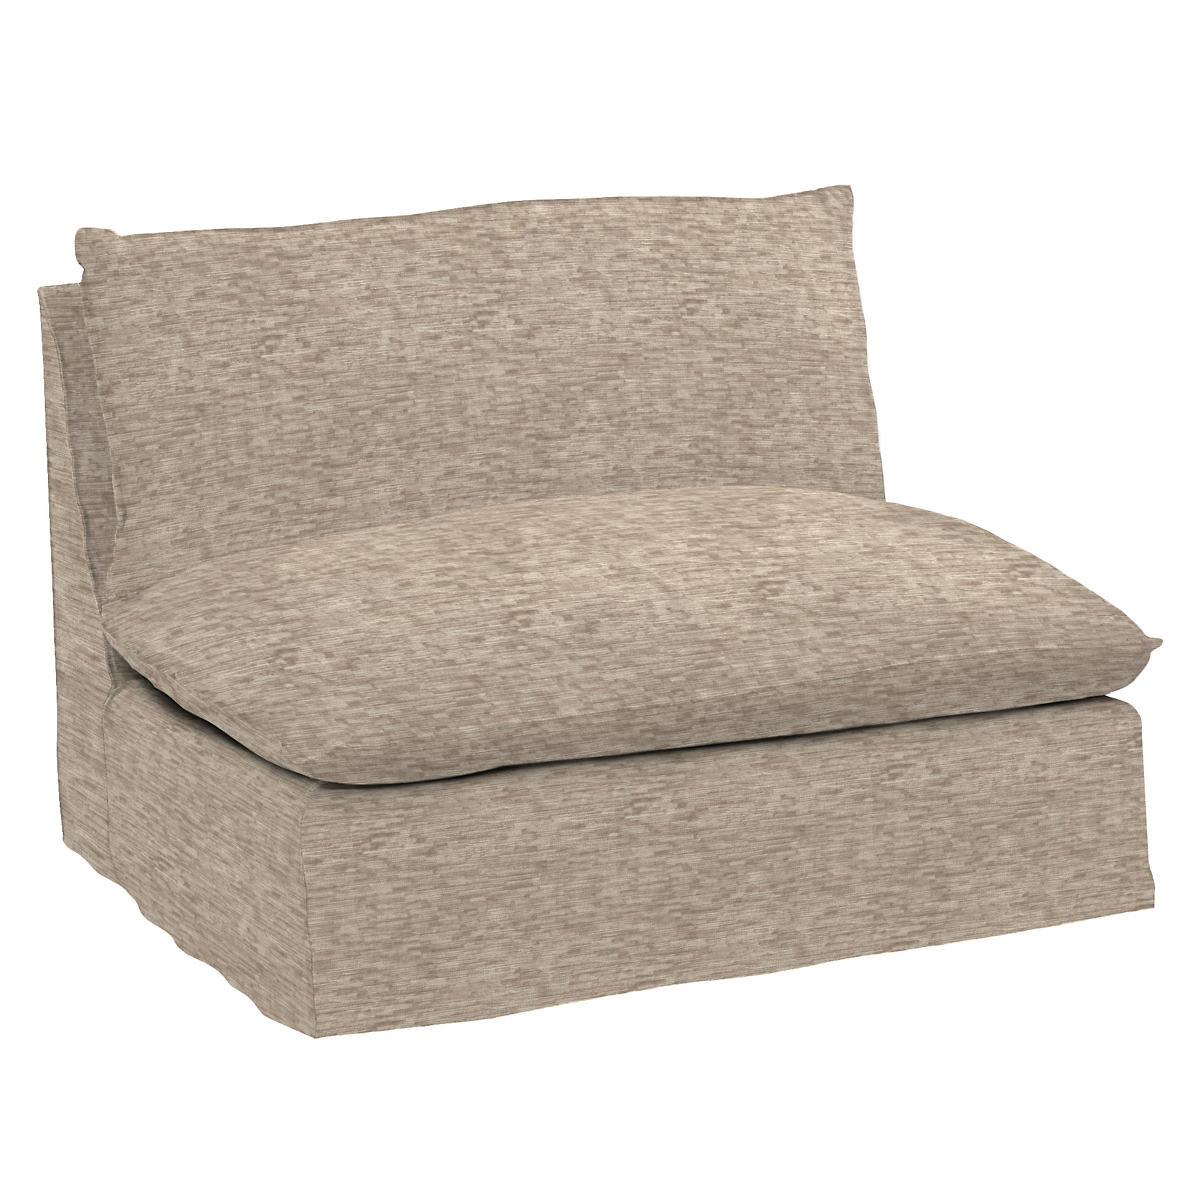 Bark Velvet Stone Hollingsworth Slipcovered Chair